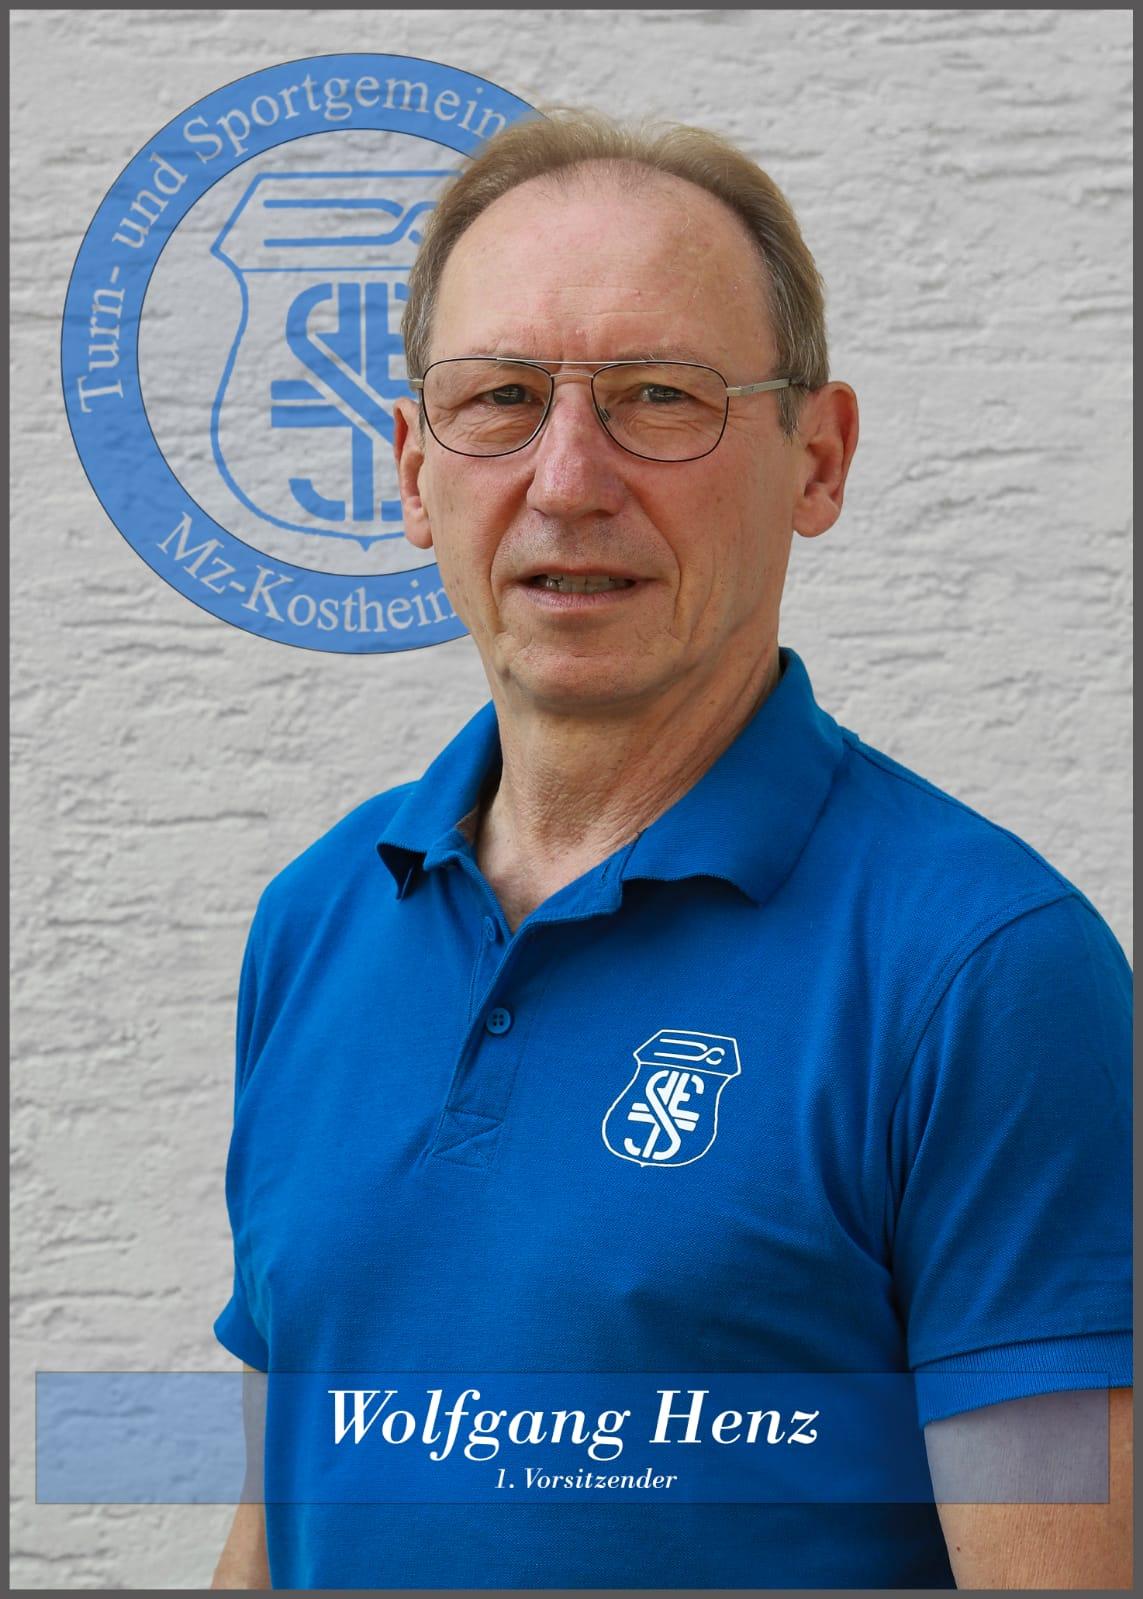 Wolfgang Henz